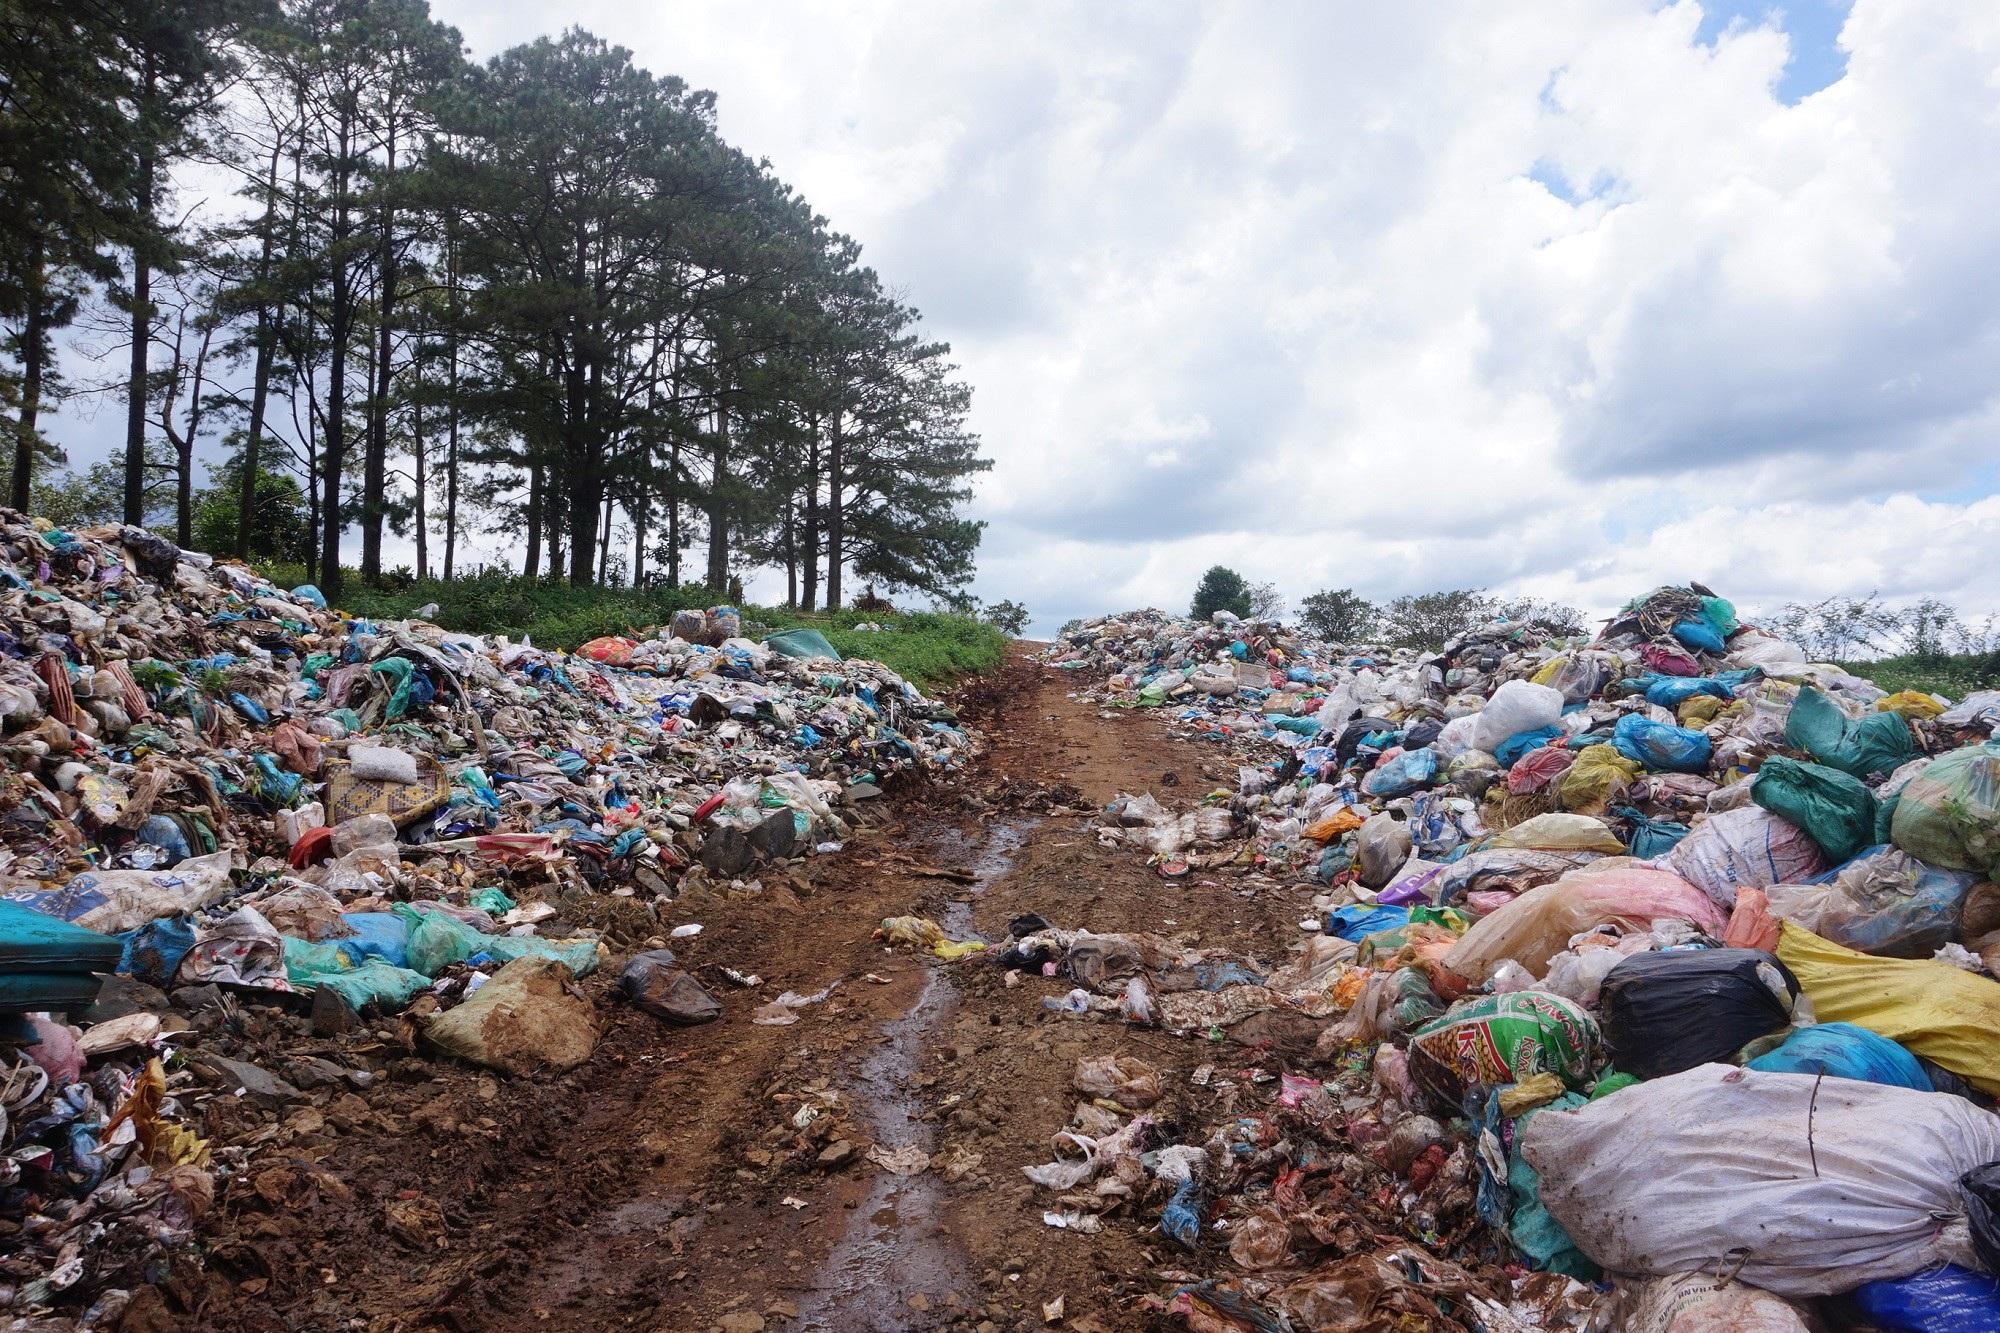 Đắk Nông: Bãi rác nhấn chìm cả đường đi, người dân bỏ của chạy lấy người! - Ảnh 1.